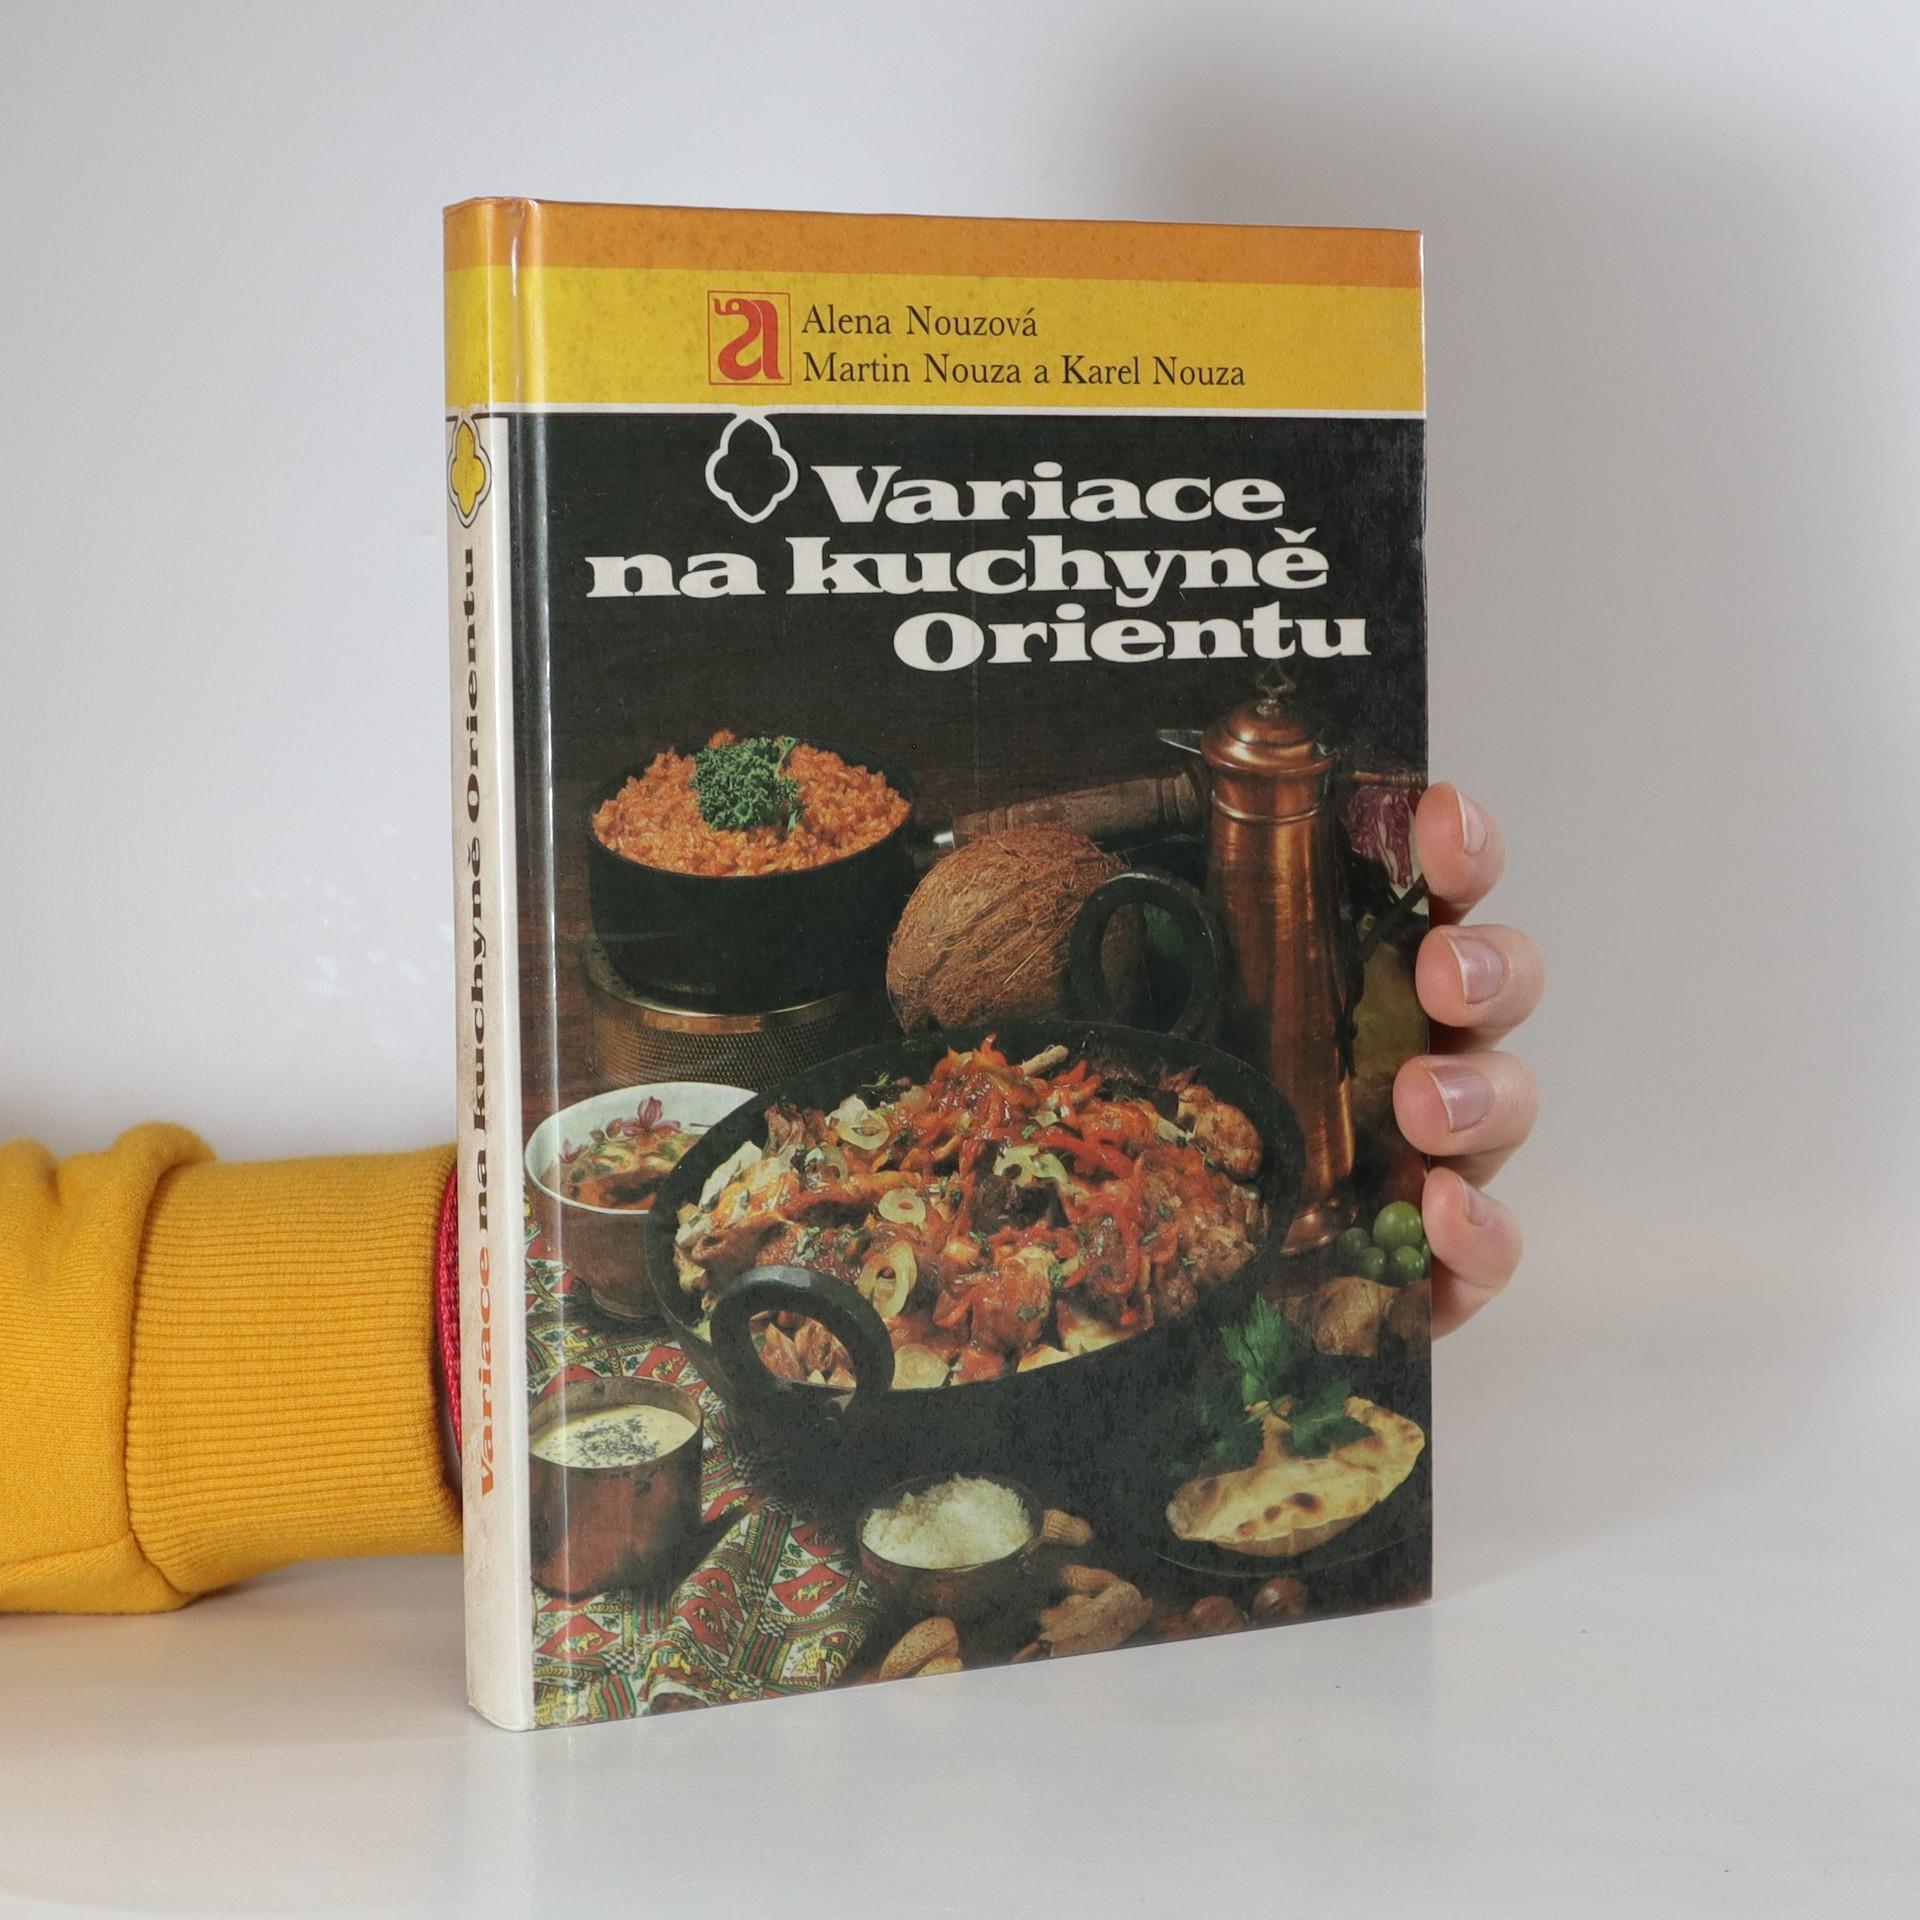 antikvární kniha Variace na kuchyně Orientu, 1989